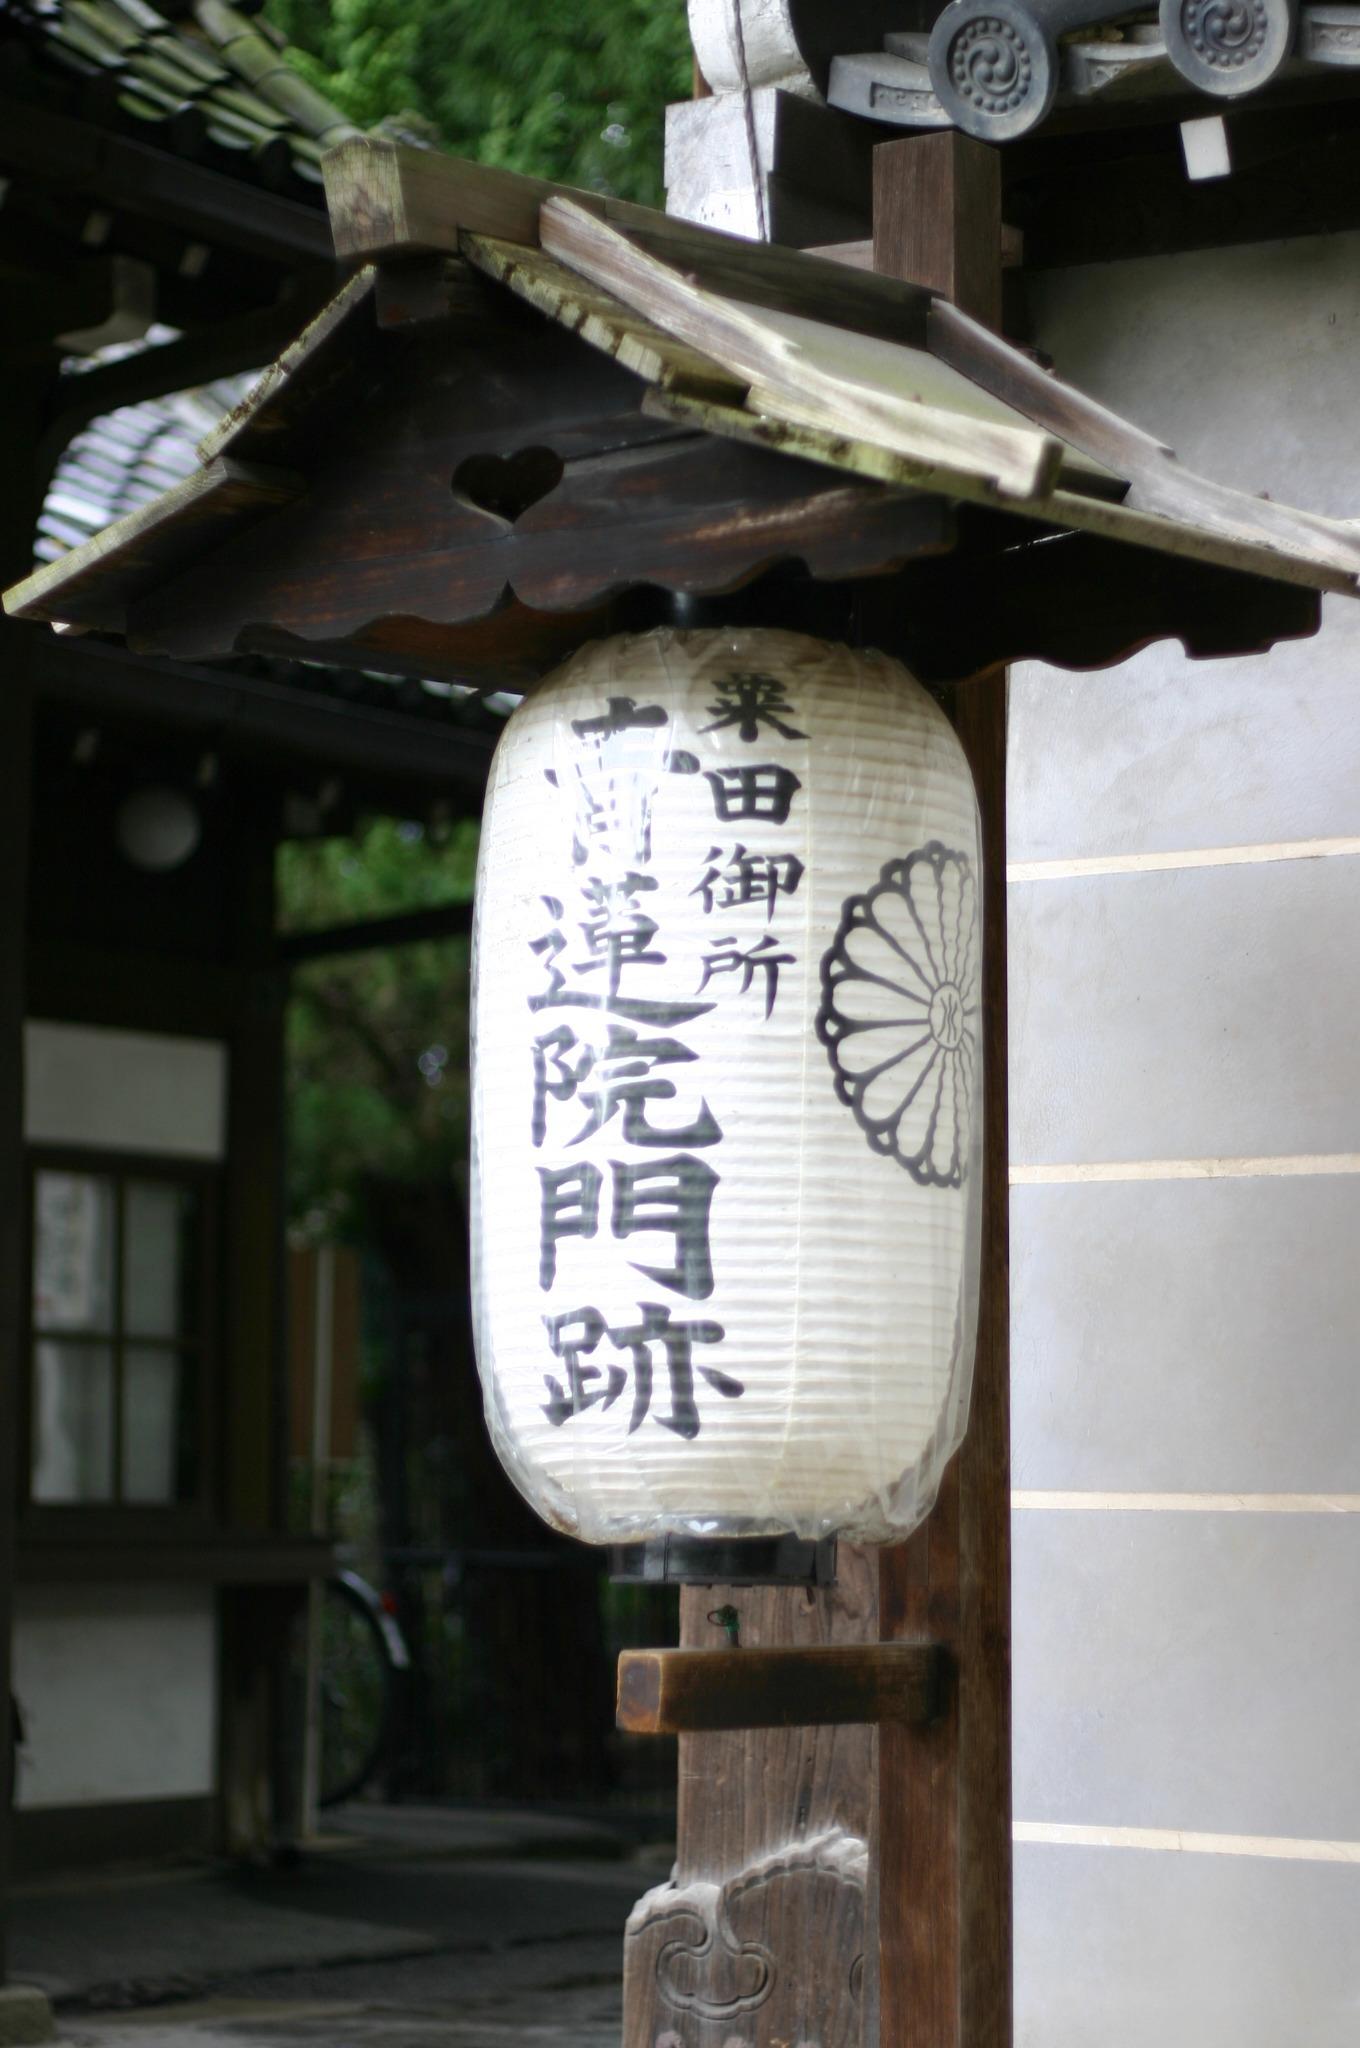 京都の青蓮院門跡の提灯